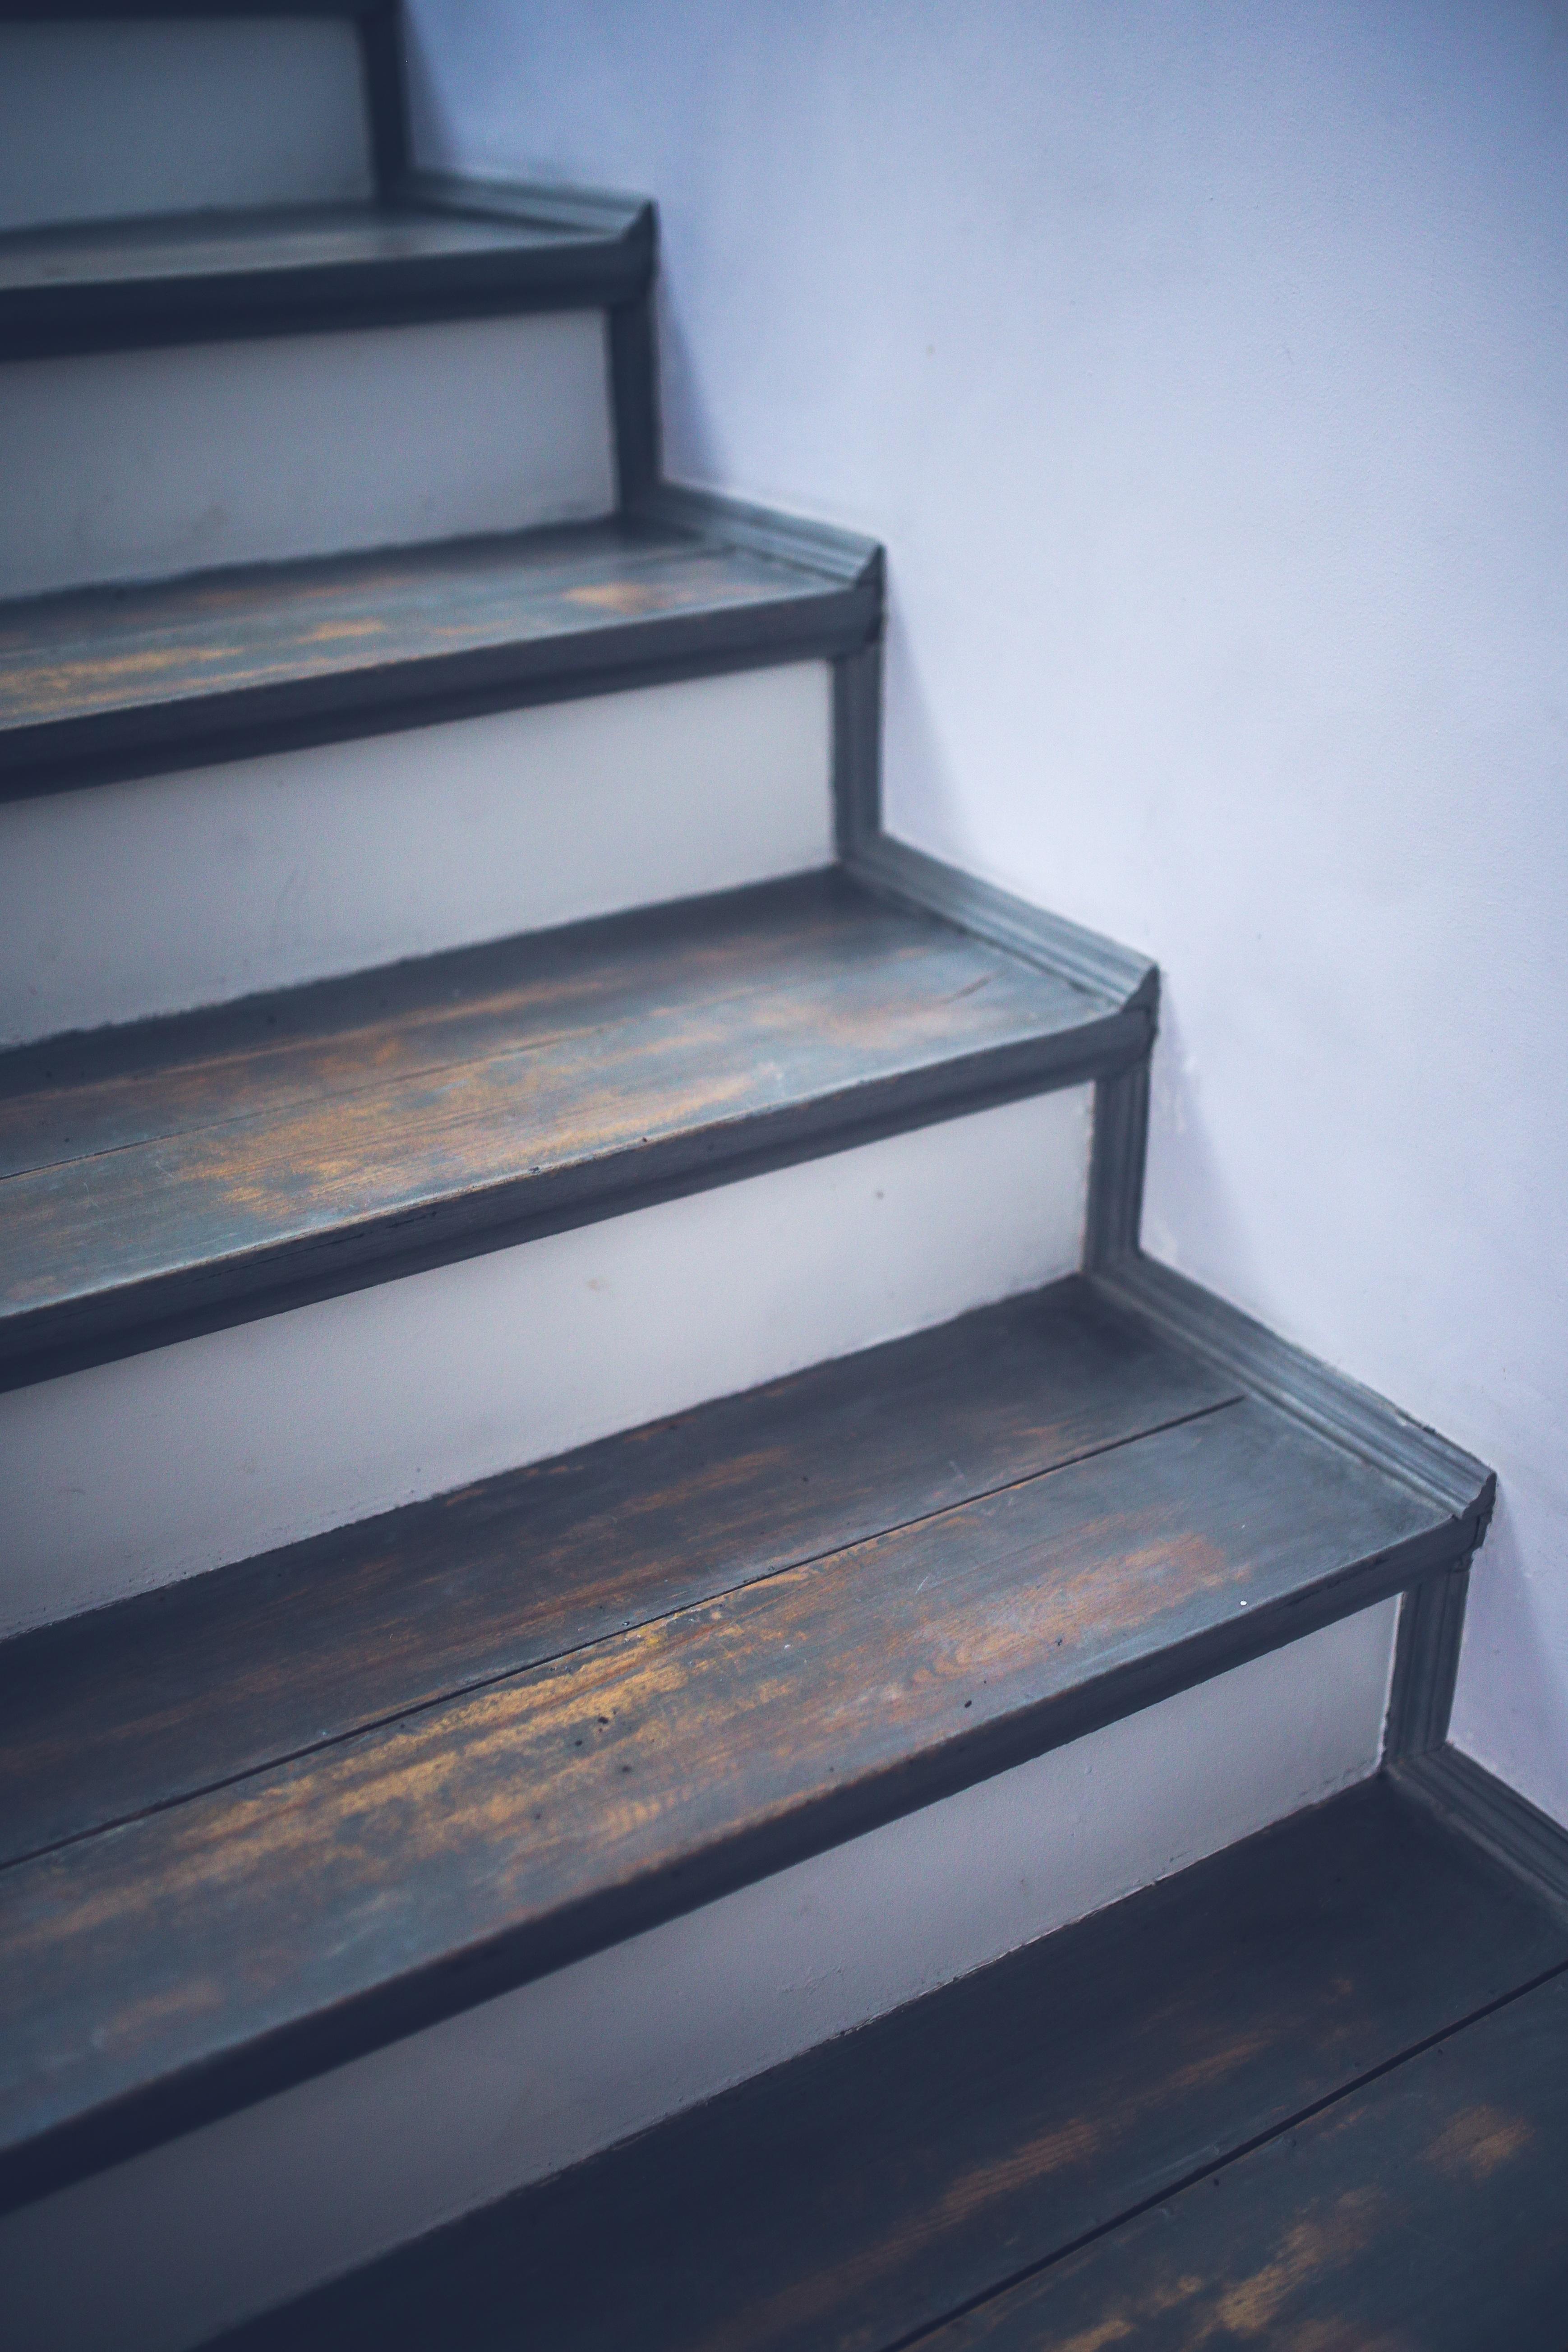 Images gratuites cru int rieur vieux gris meubles produit conception - Escalier bois peint en gris ...